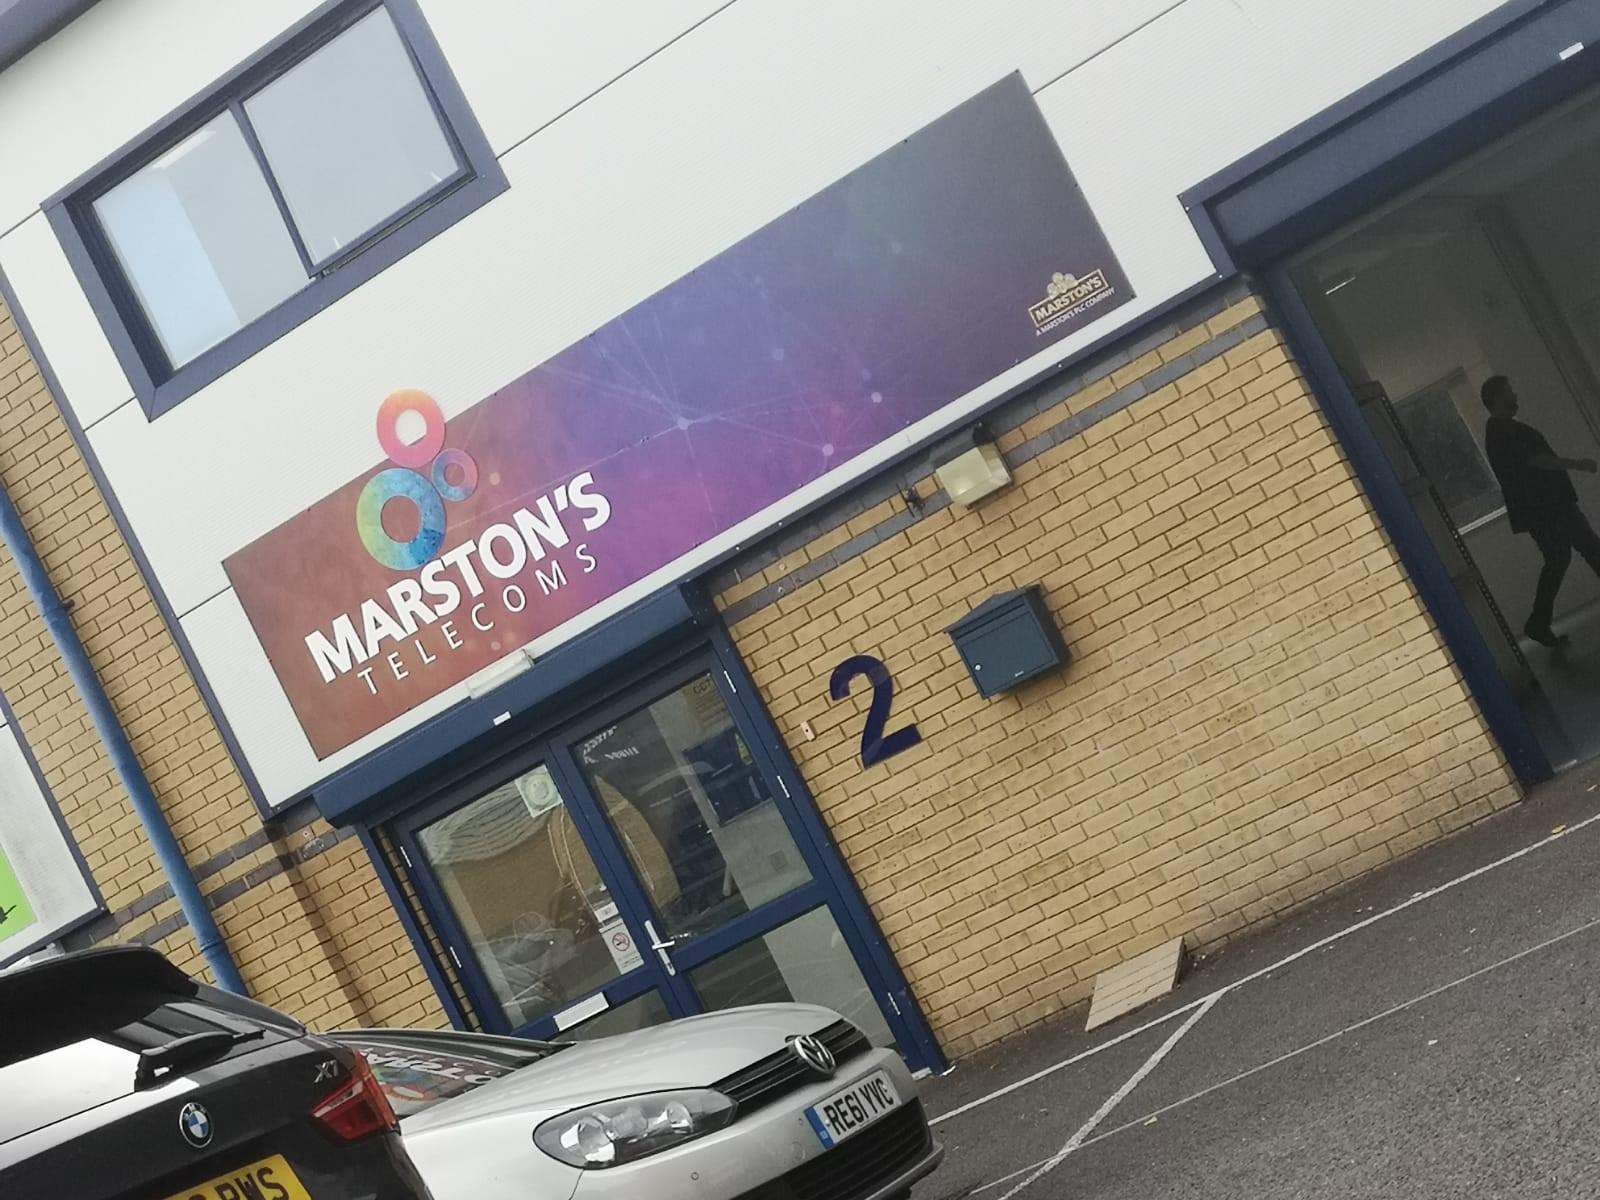 Marston's.jpg